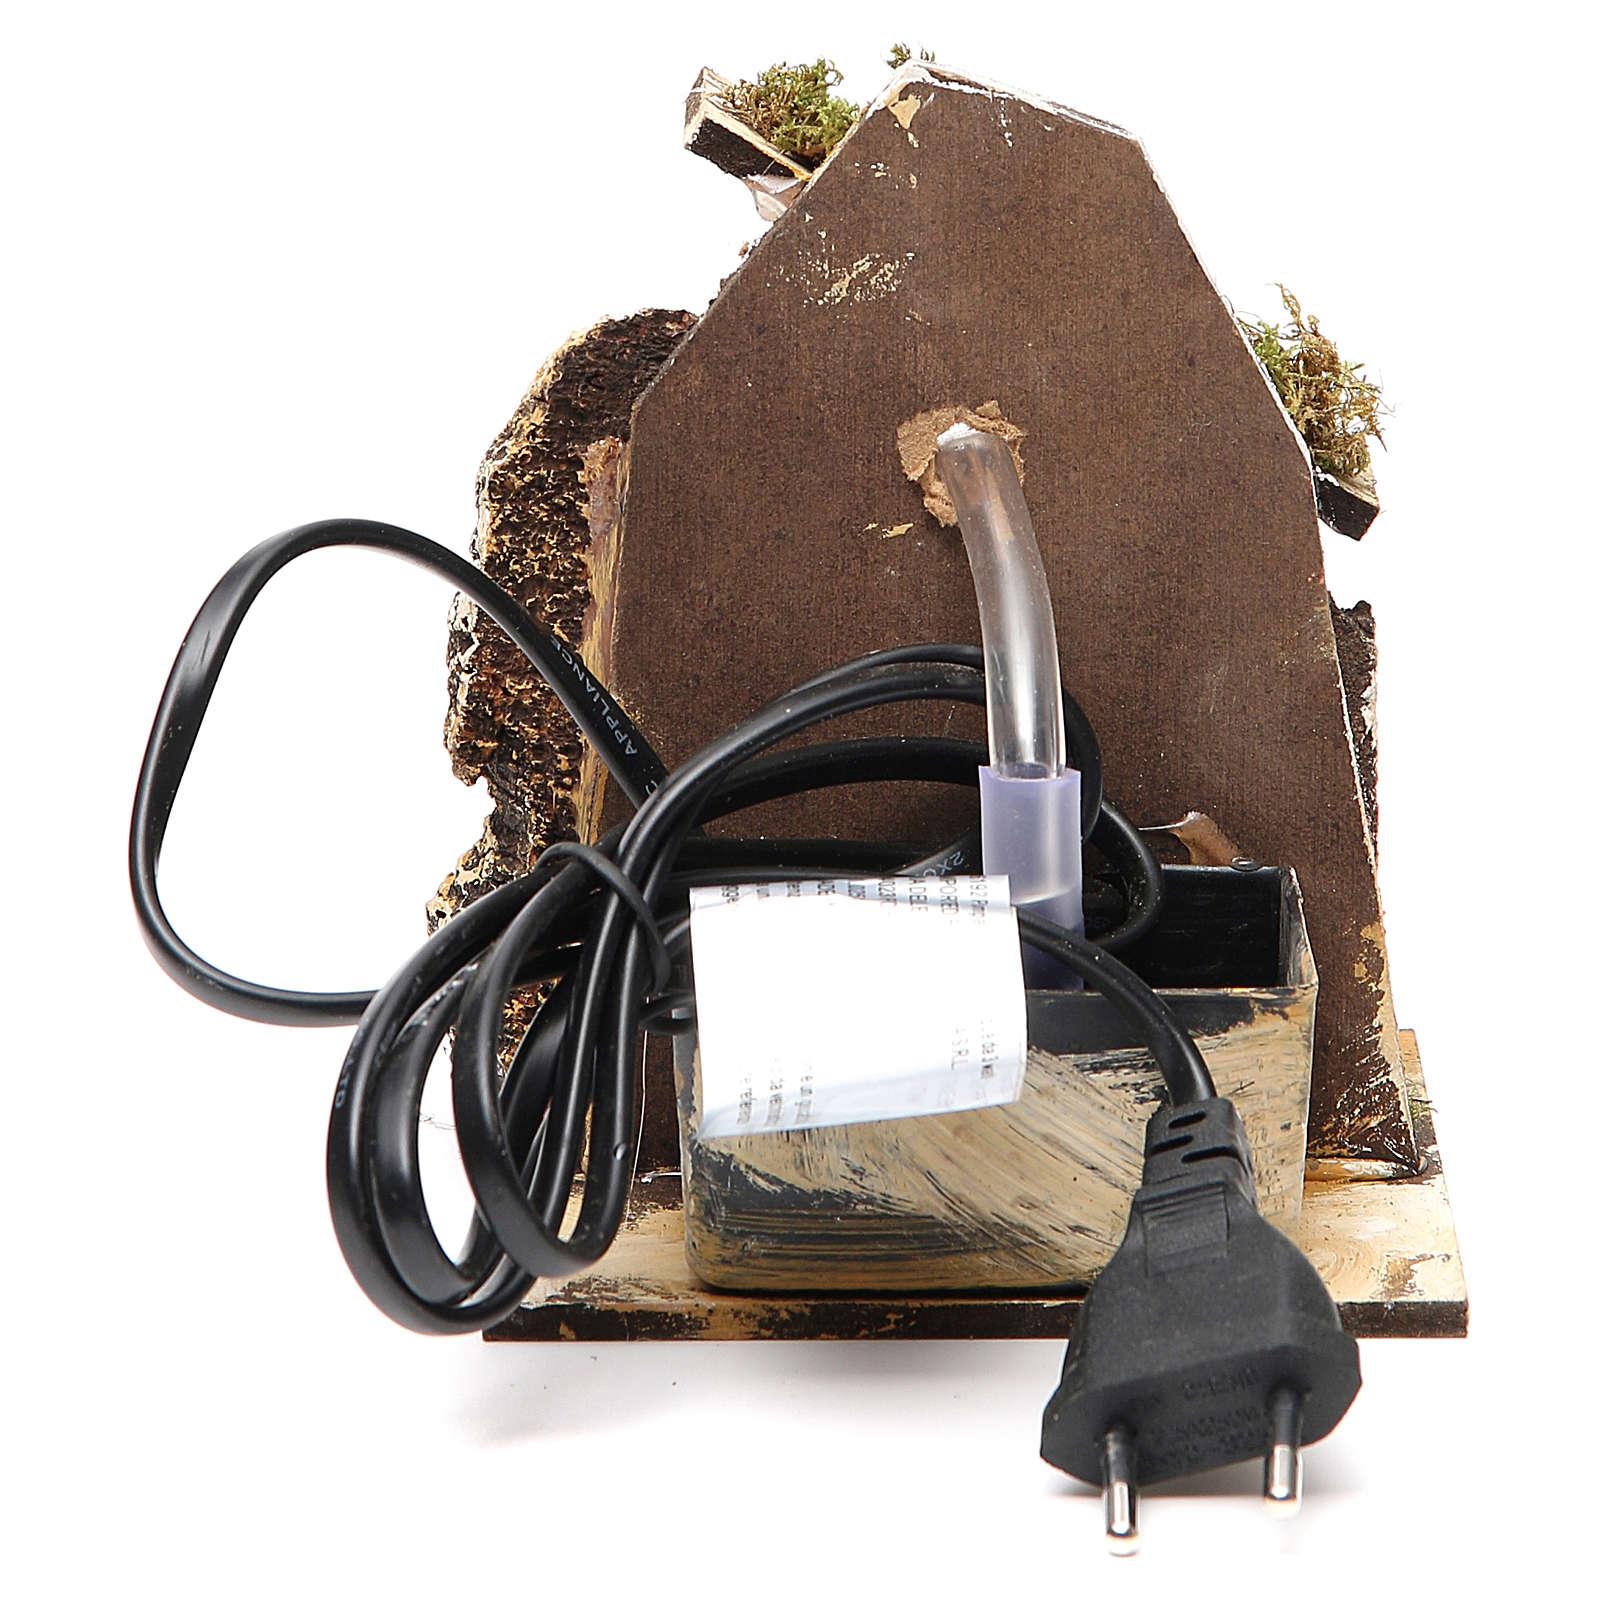 Fuente belén madera y corcho 14x11x11 cm modelos surtidos 4